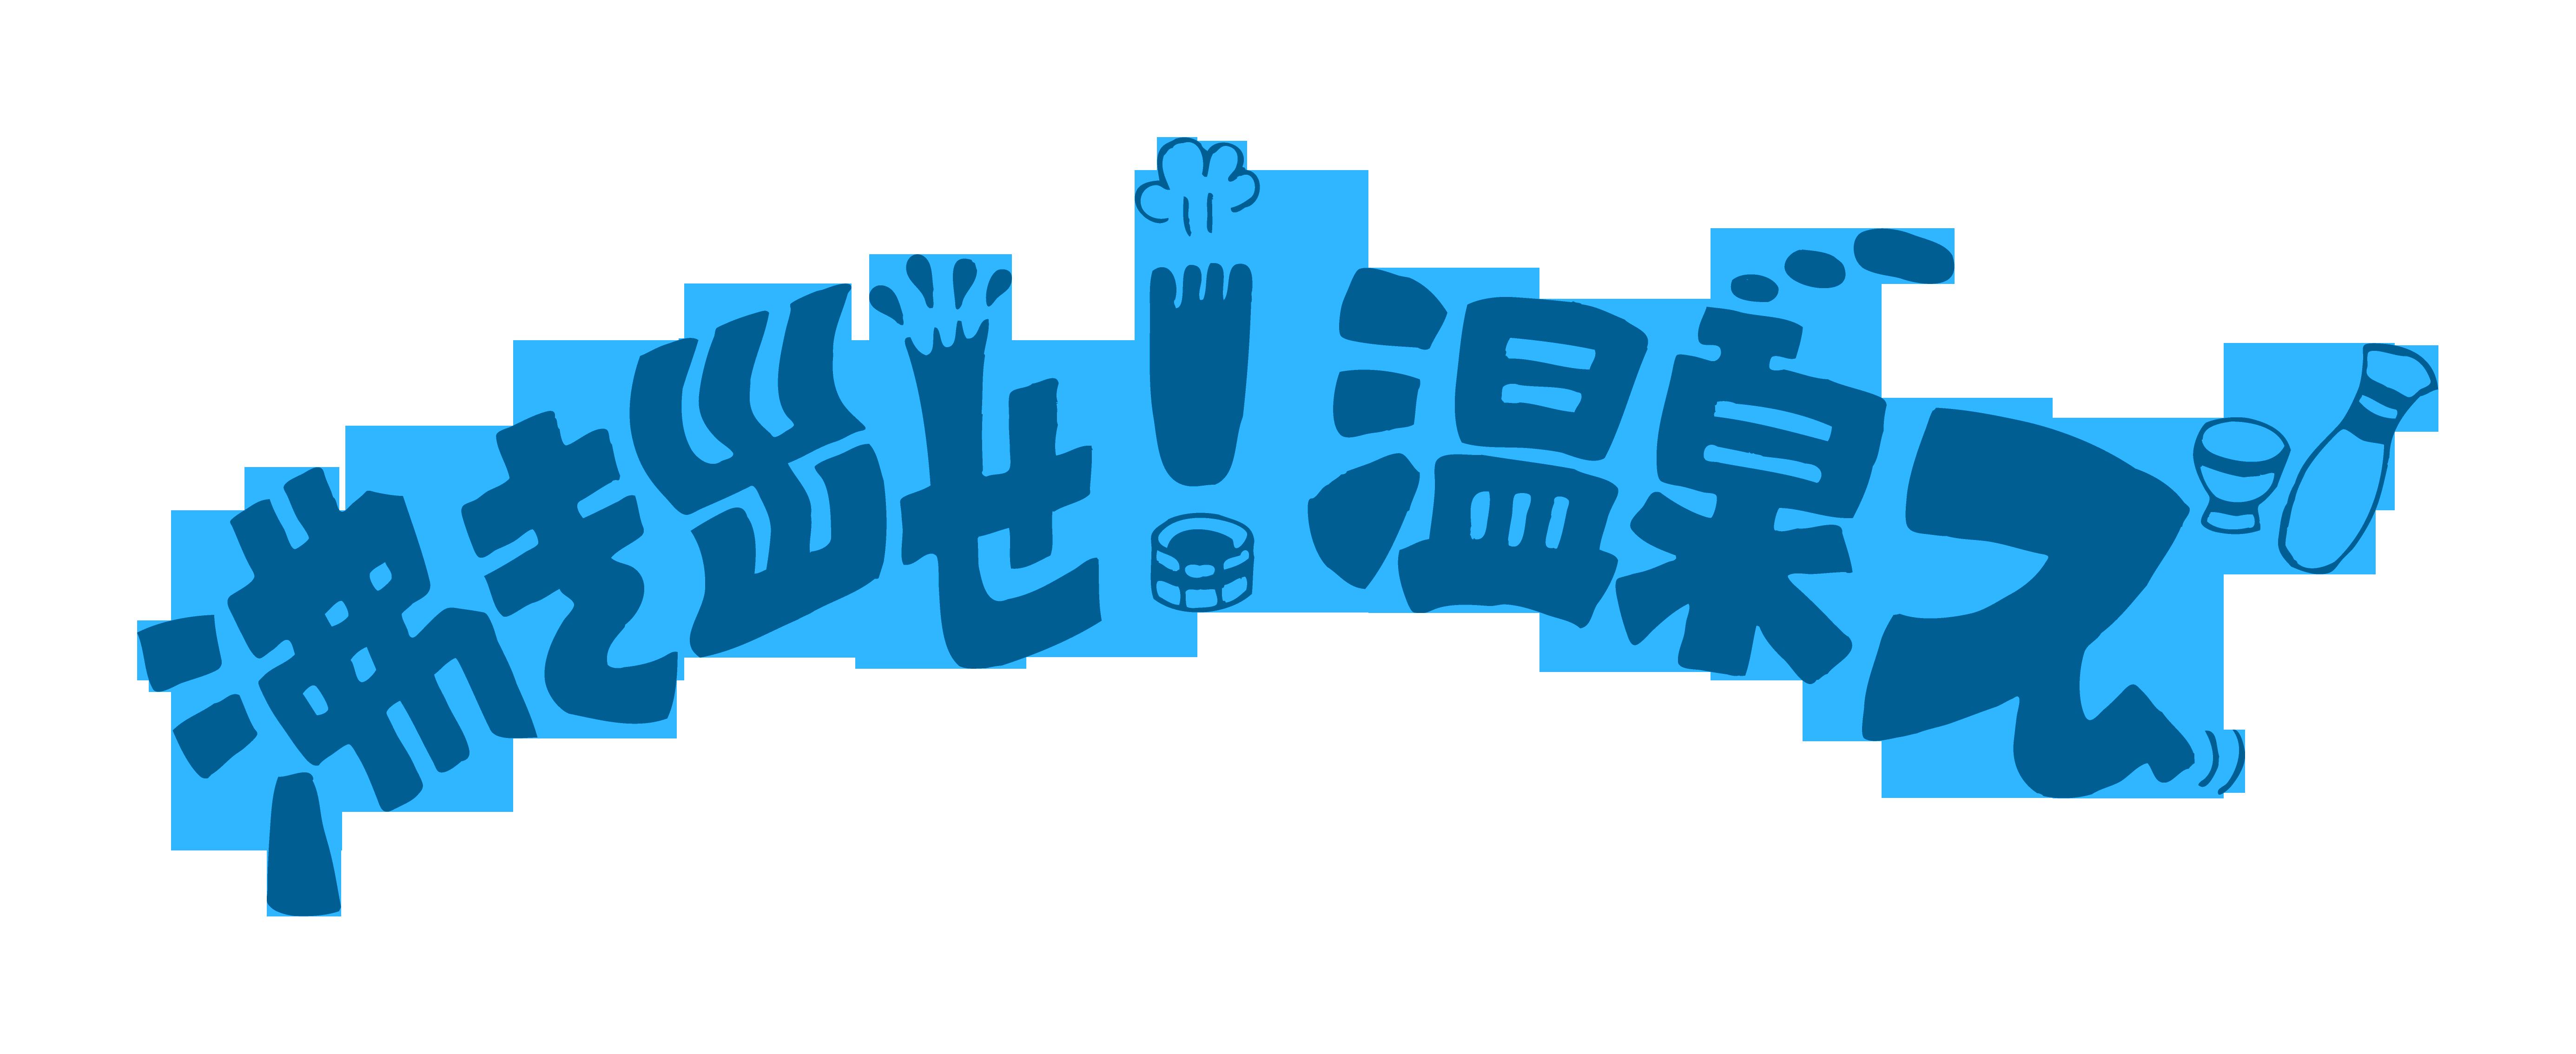 『沸き出せ!温泉ズ』ロゴ:ライブトレース④細:背景透明:塗りつぶしA3:青